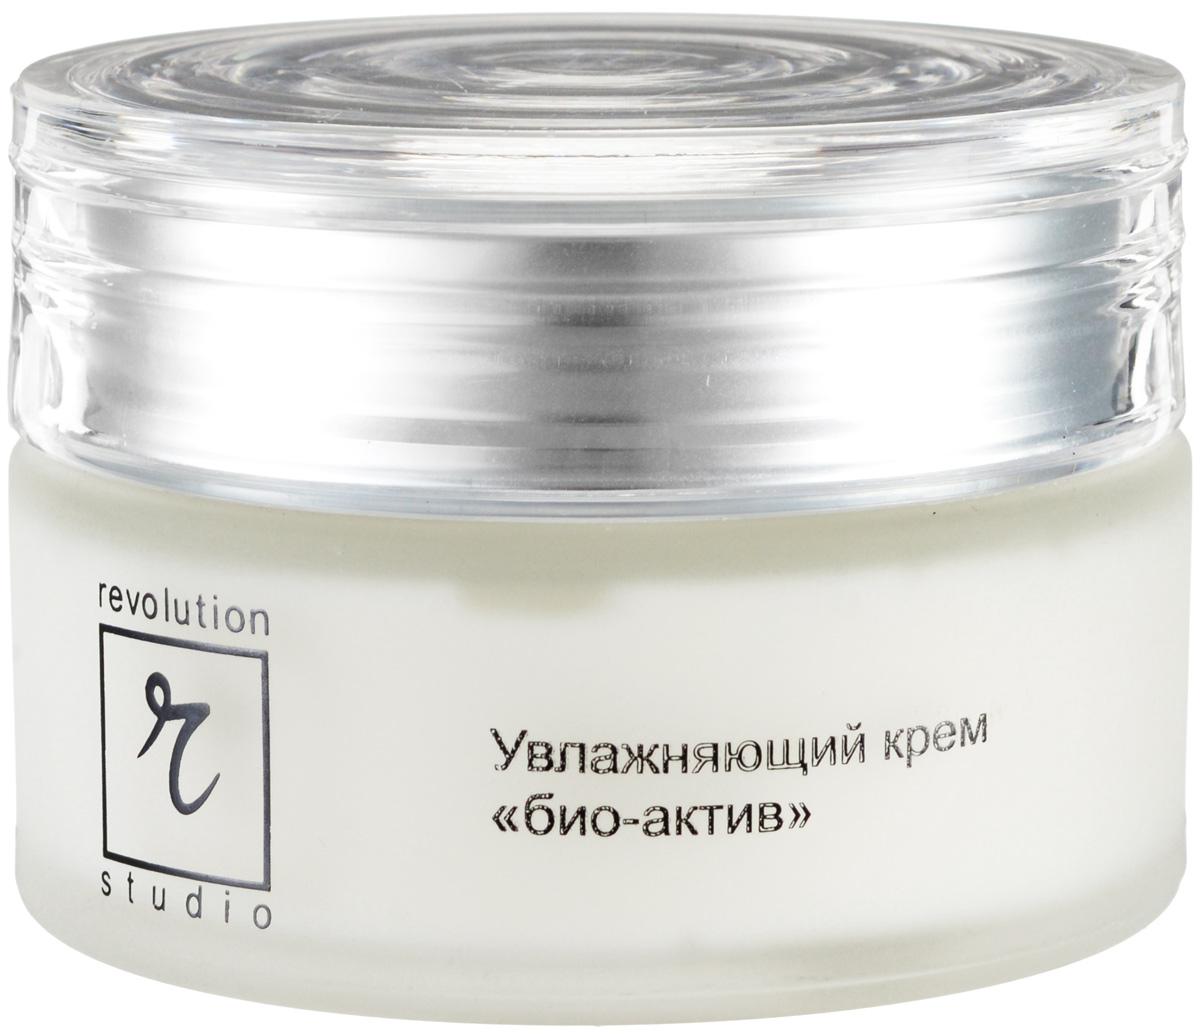 R-Studio Дневной крем био-актив 50 млrs1670Тип кожи: для возрастной кожи. Дневной крем био-актив стимулирует обмен веществ в возрастной коже, сохраняя ее упругость и препятствуя образованию преждевременных морщин. Глубоко увлажняет кожу, сохраняя влагу длительное время. Активные компоненты: Гиаплан (плацента тонкоочищенная), масло кукурузное, экстракты: радиолы розовой, боярышника, левзеи, витамин А, Е.